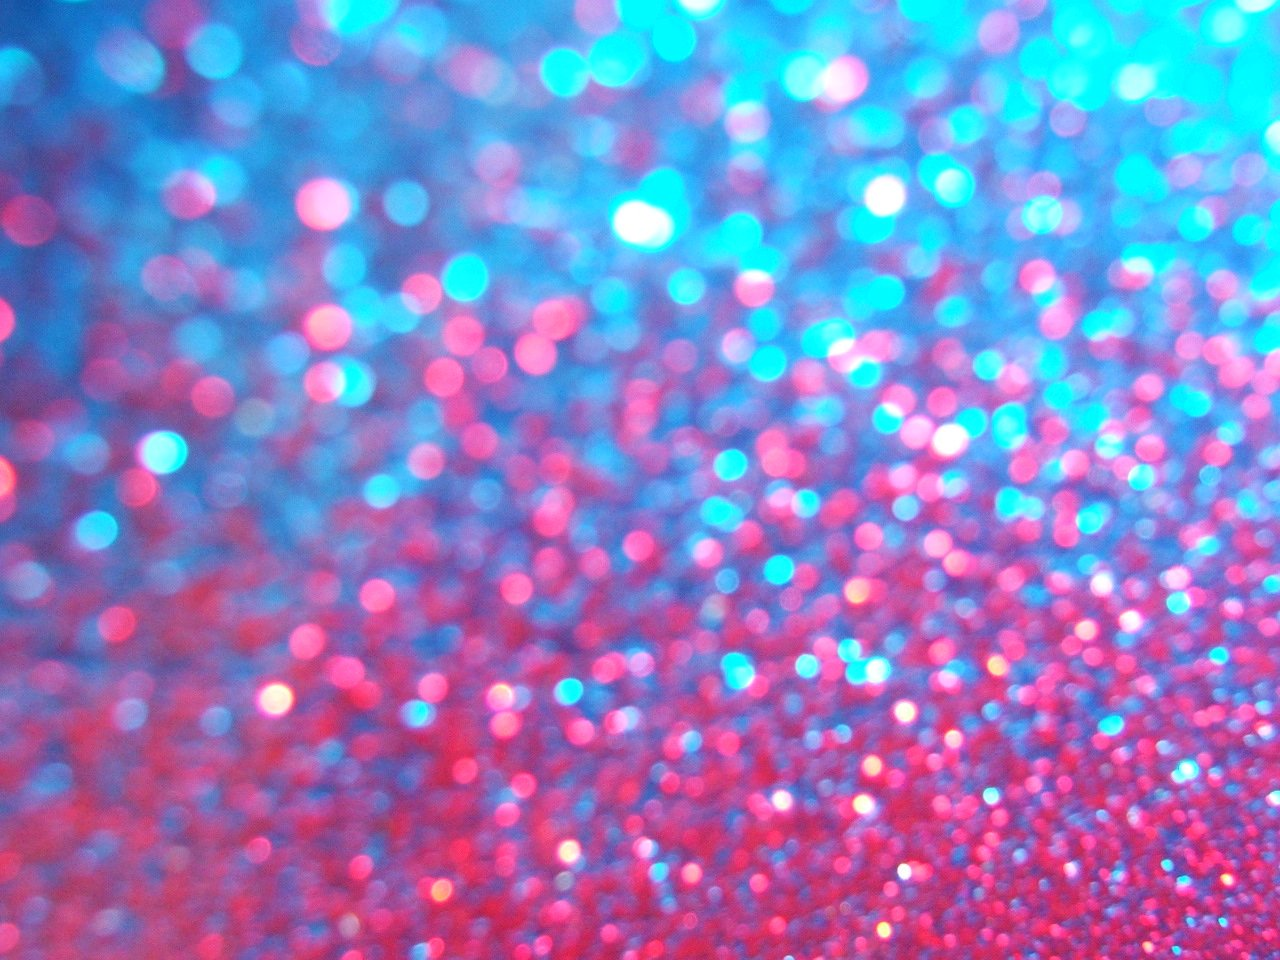 Pink Glitter Wallpaper   HD Wallpapers Pretty 1280x960